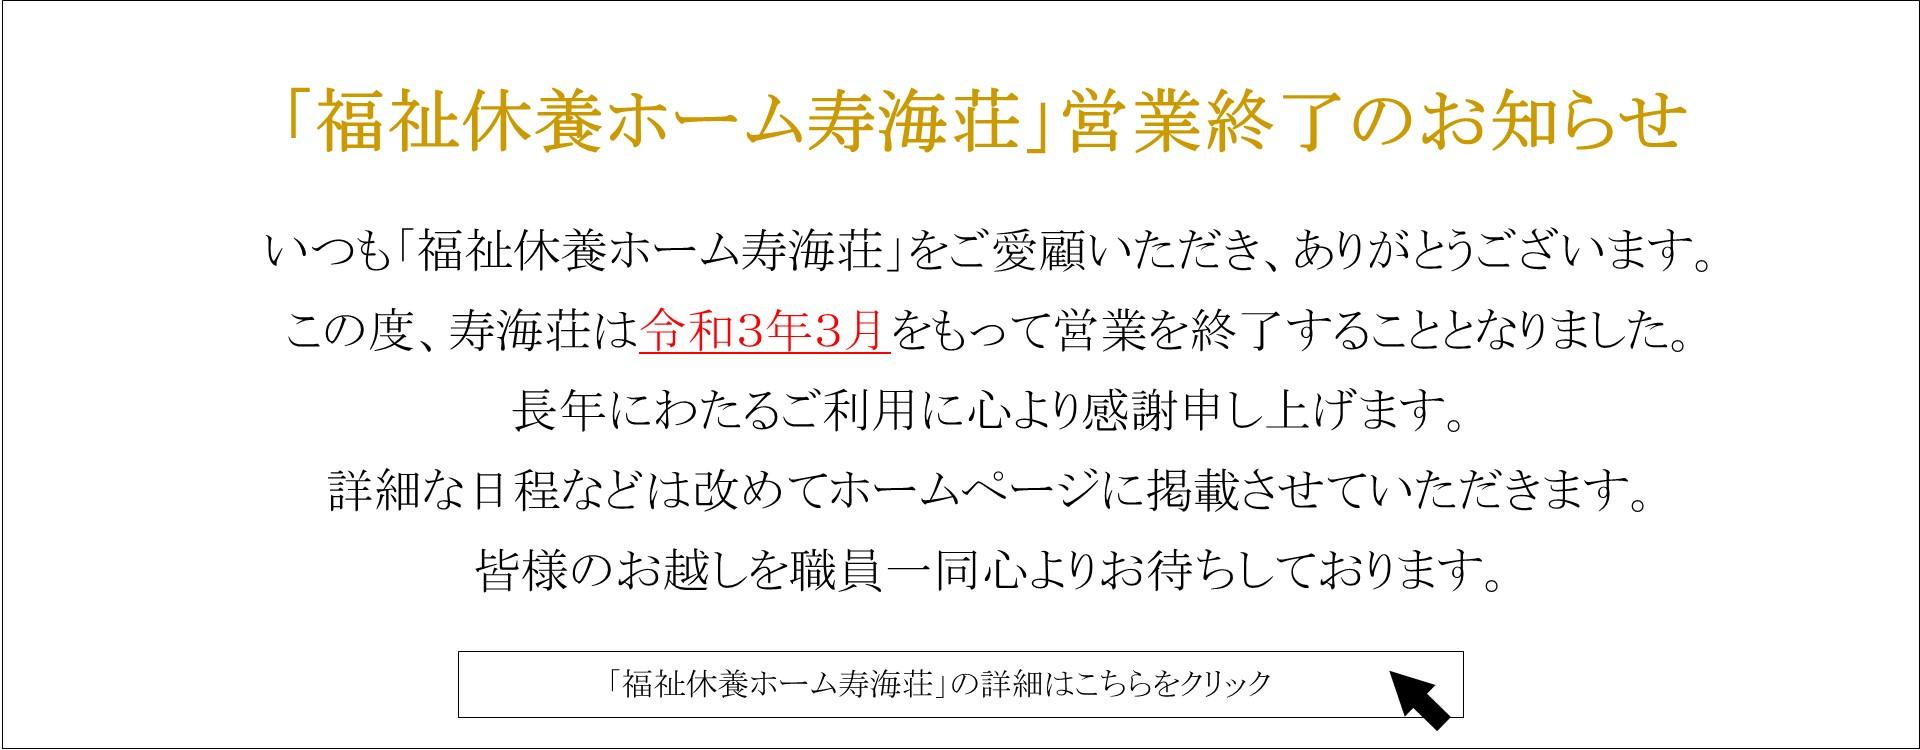 社会福祉法人 山形県社会福祉事業団